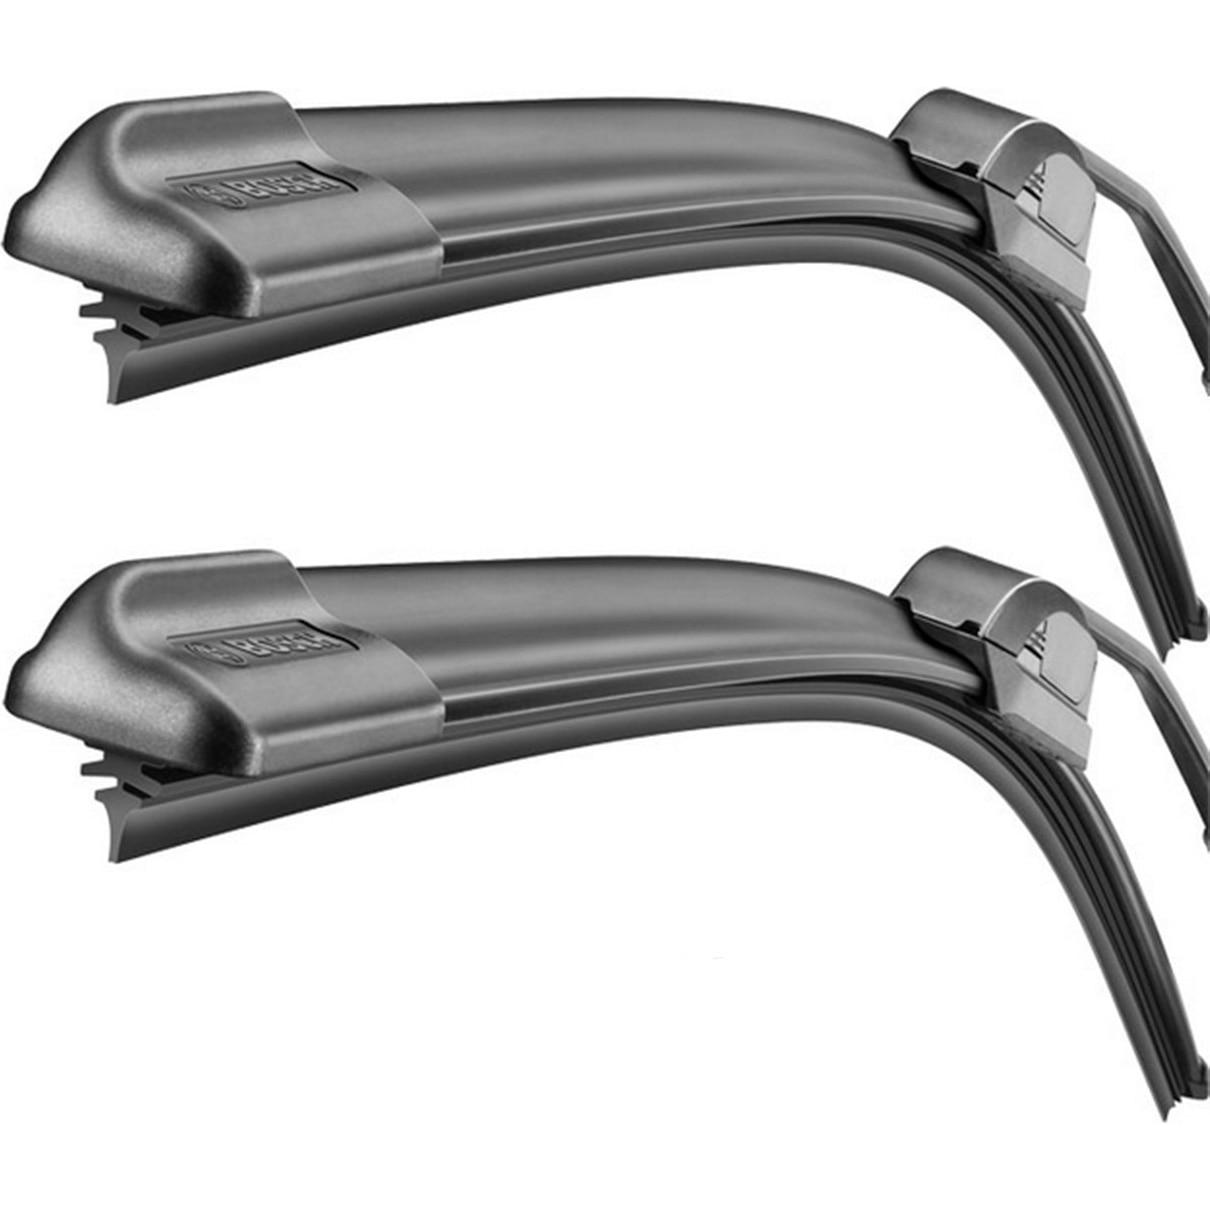 Fotografie Stergator Bosch AeroTwin Retrofit, pentru parbriz 55 cm, pentru prindere clasica (carlig)